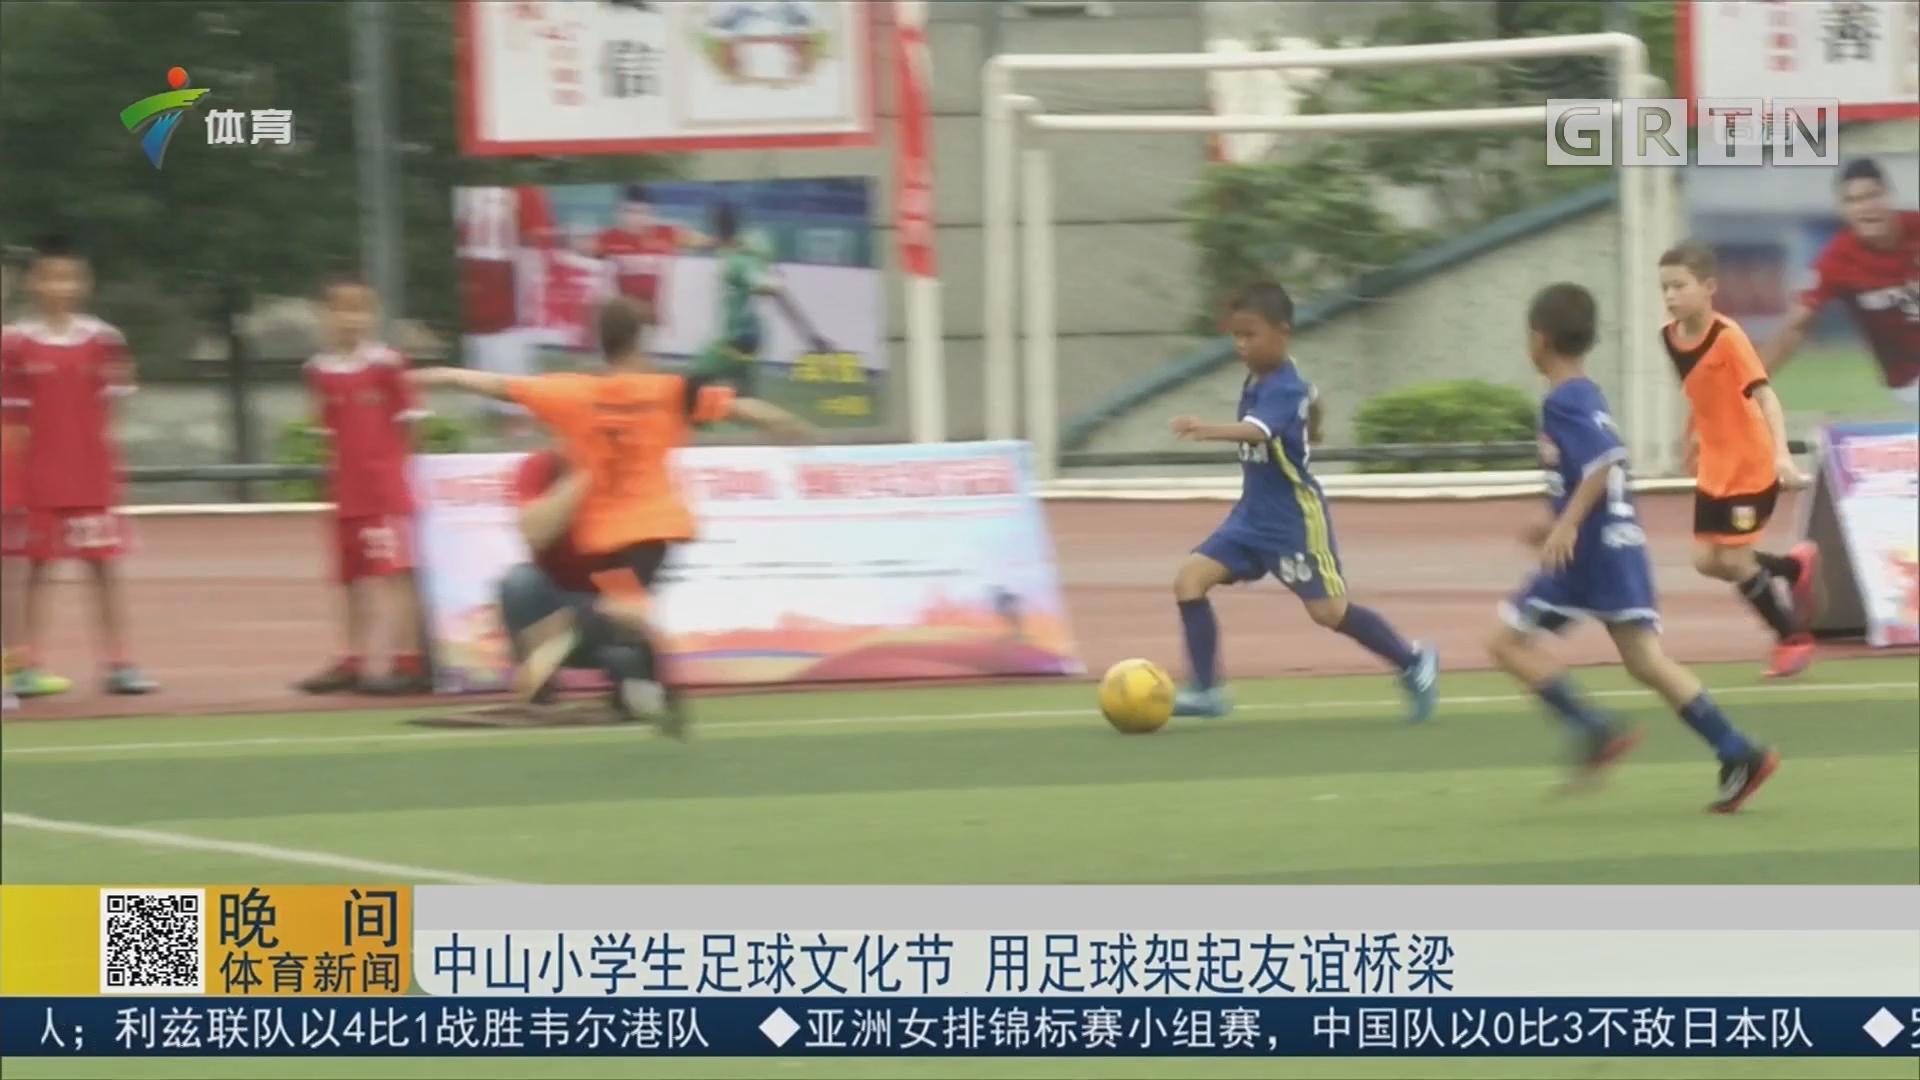 中山小学生足球文化节 用足球架起友谊桥梁